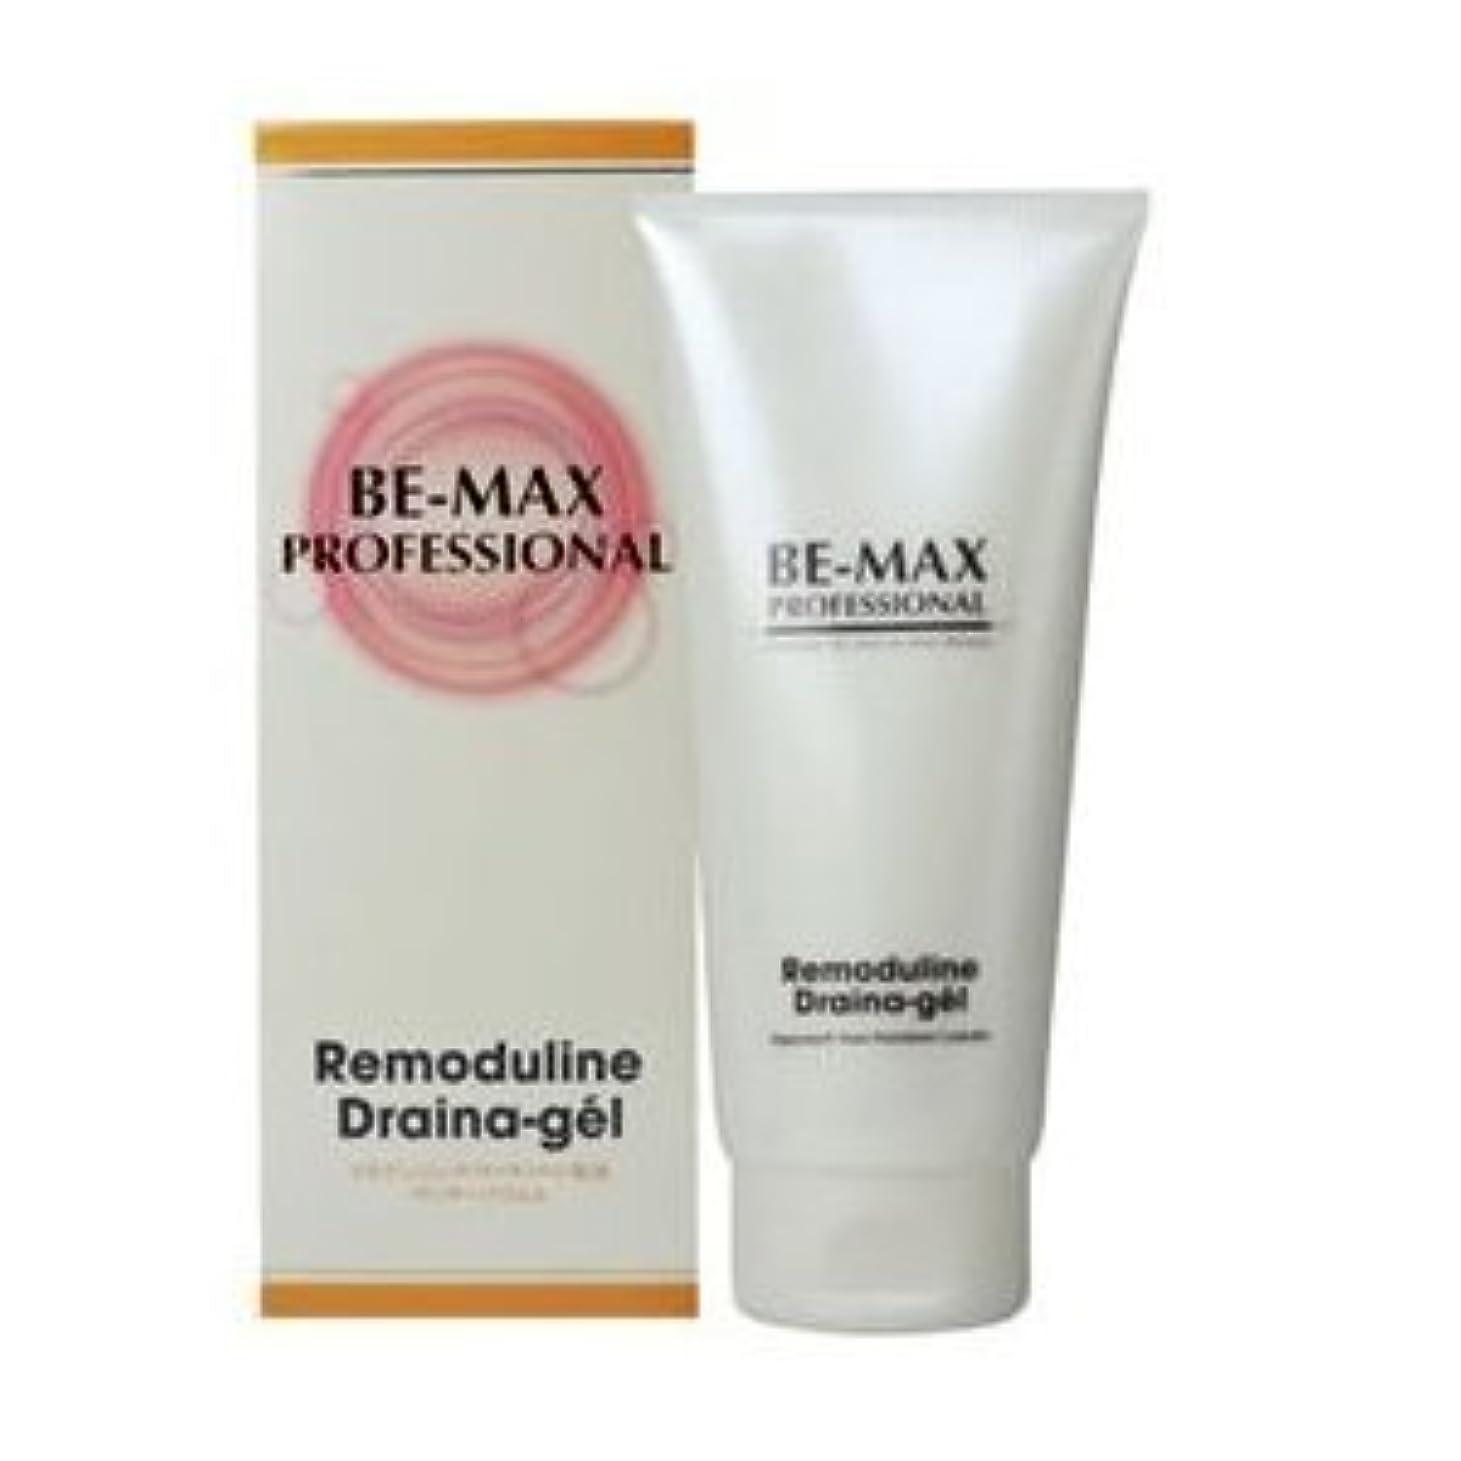 乞食ジョガー申請中BE-MAX PROFESSIONAL Remoduline Draina-gel リモデュリンドレナージェル 200G